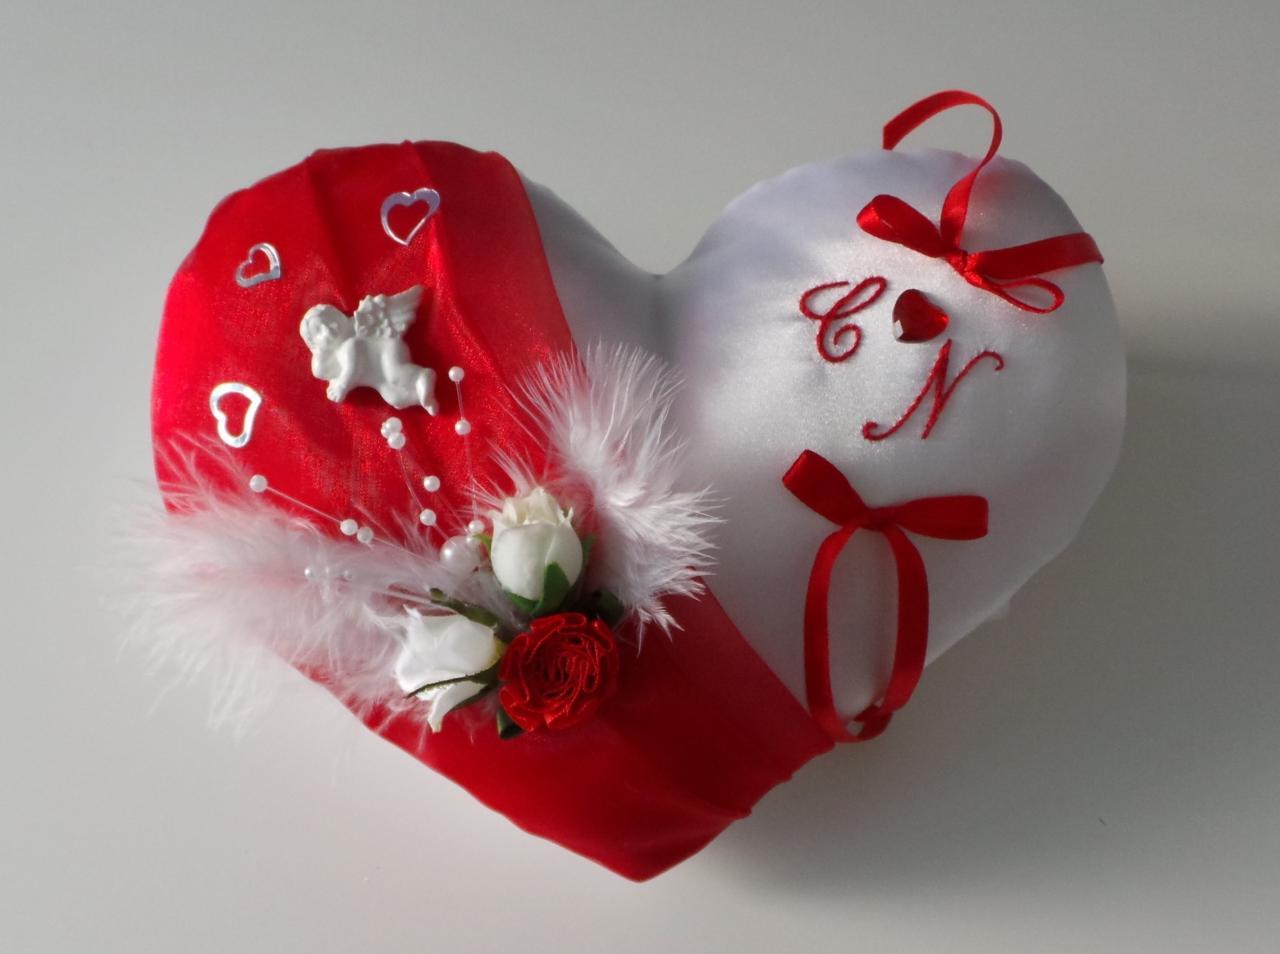 Coussin alliances coeur rouge thème ange (1037)